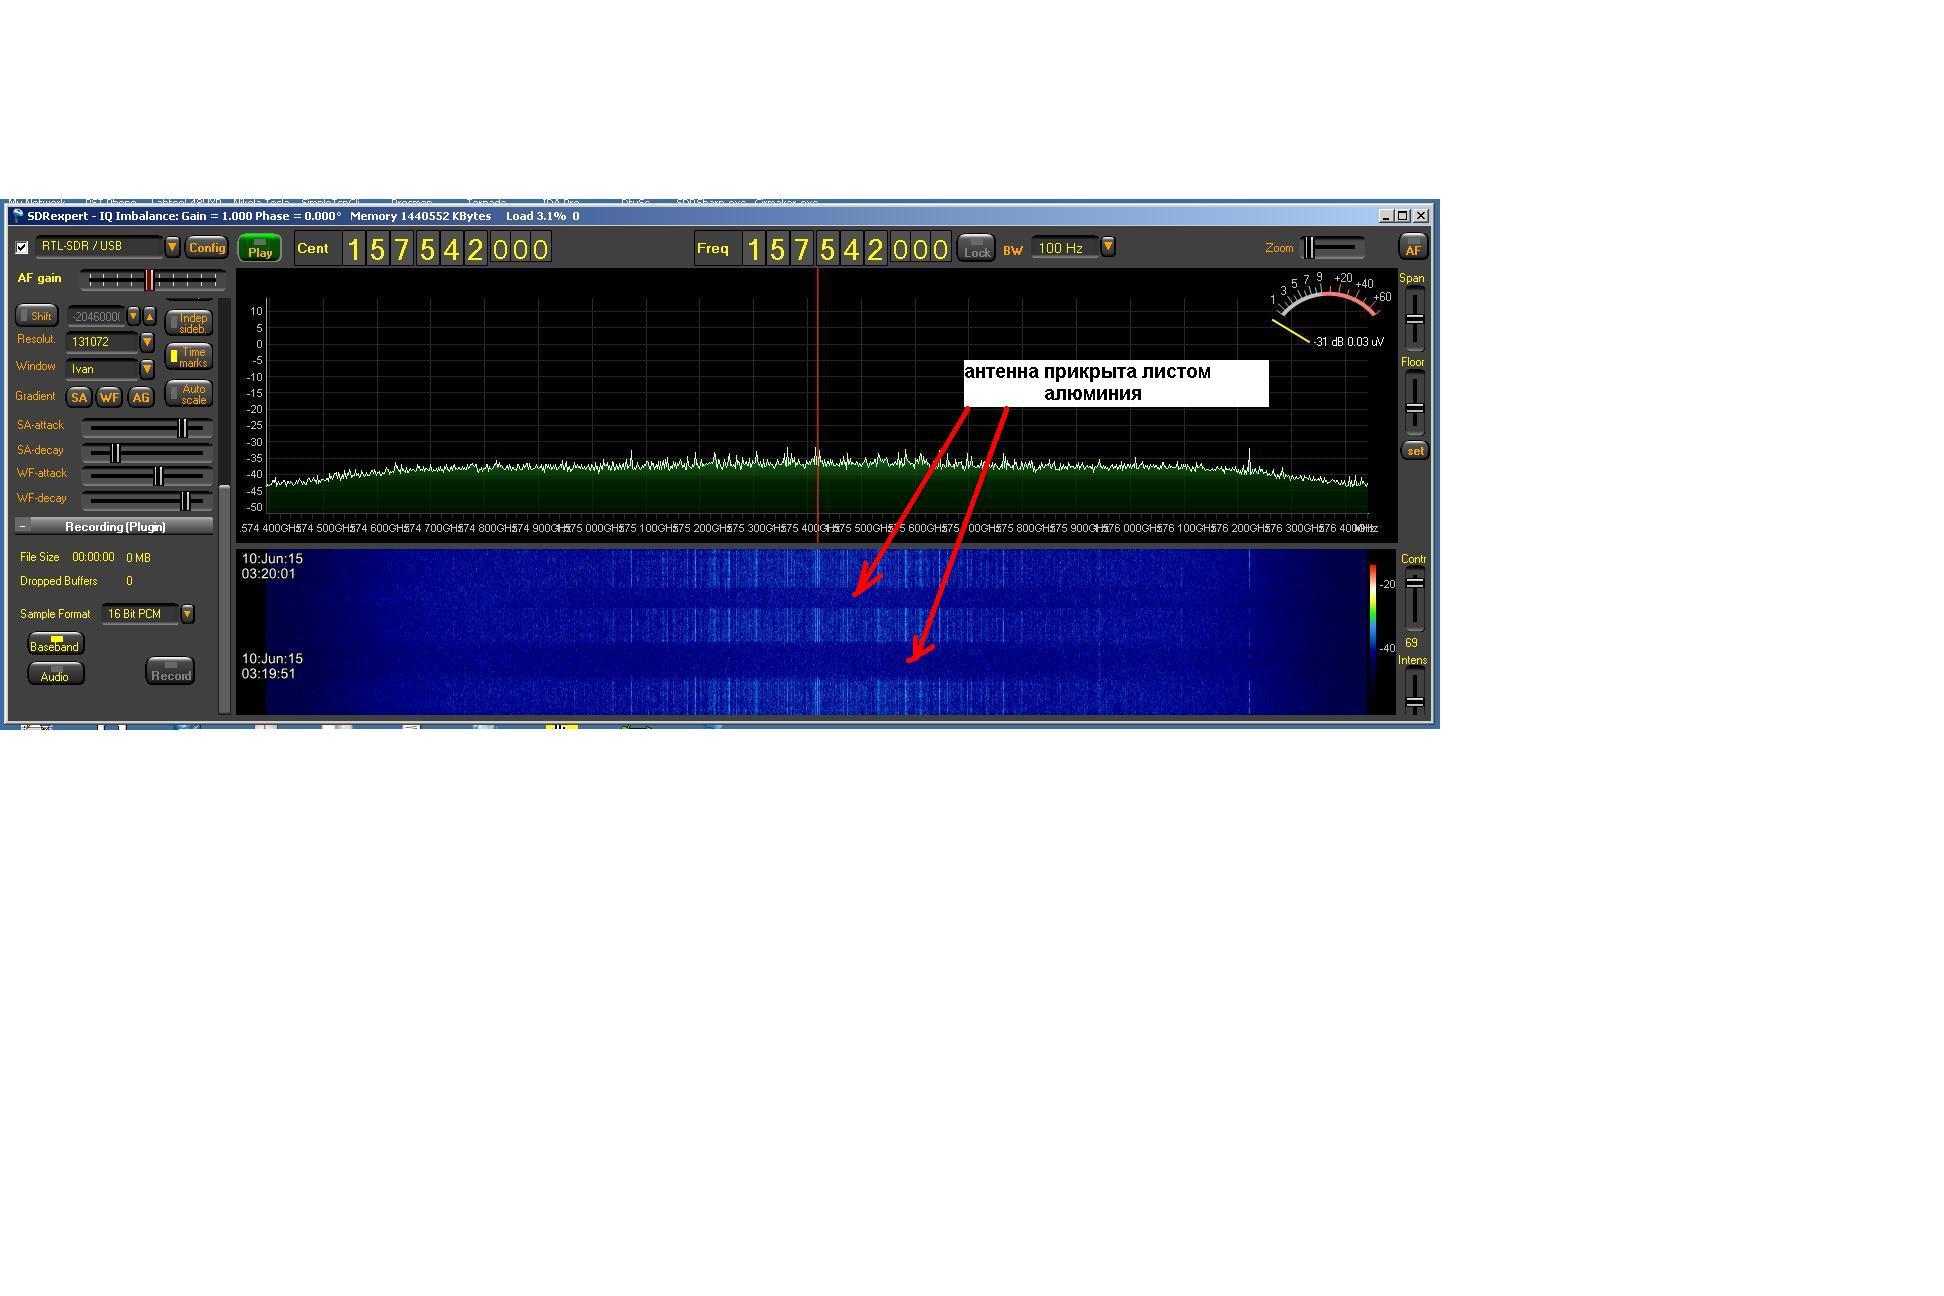 att-55705a6597a43_mhz.JPG